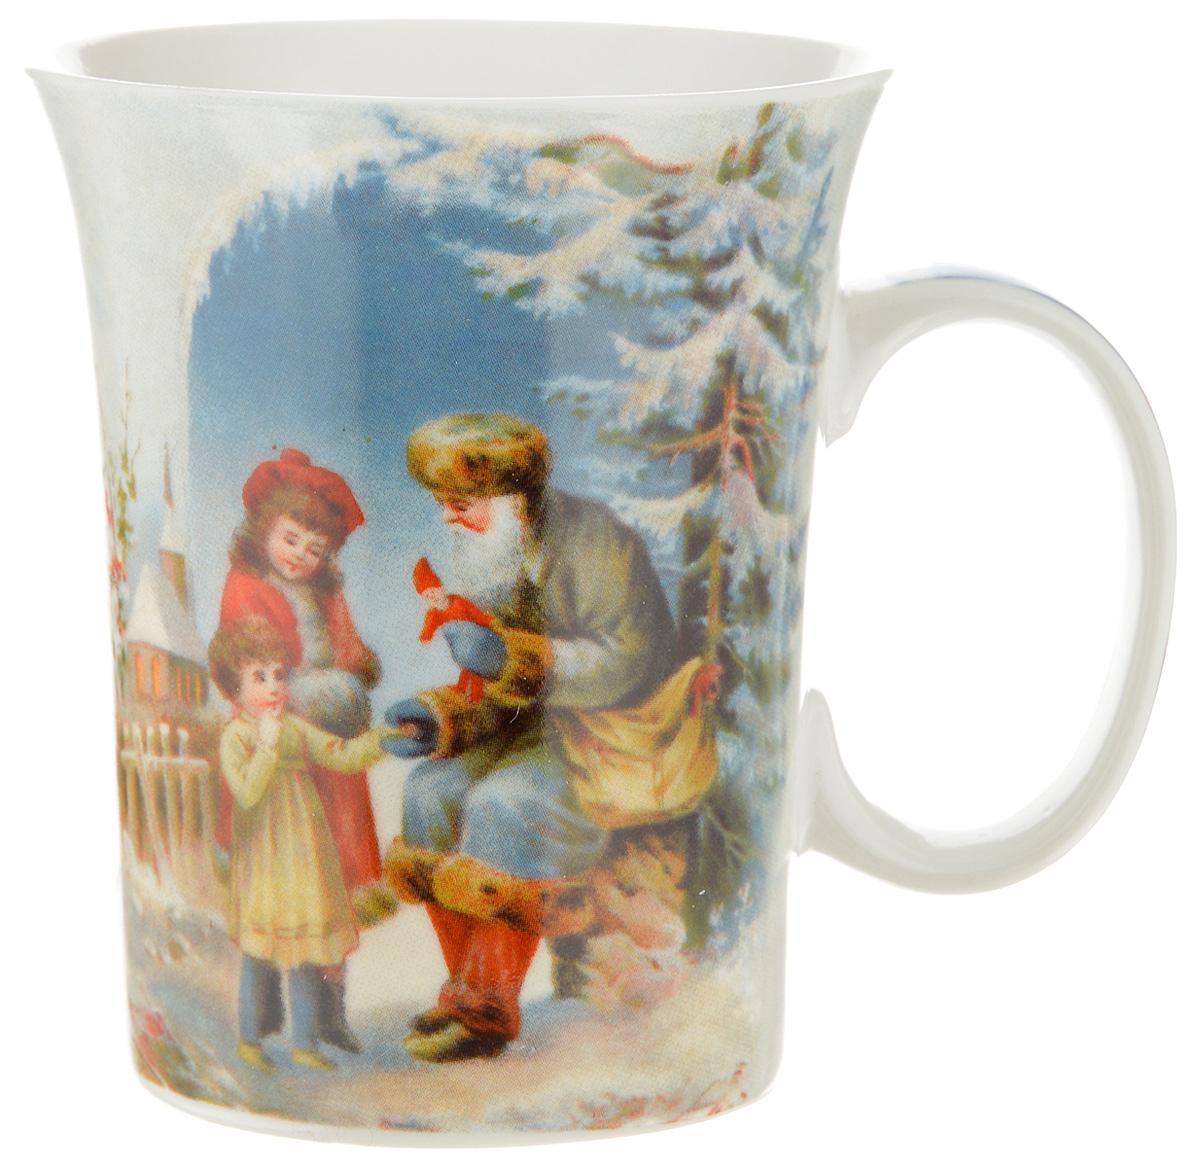 Кружка Lillo Дед Мороз и дети, 350 мл216041_дед Мороз и детиКружка Lillo Дед Мороз и дети выполнена из высококачественной керамики с глазурованным покрытием. С внешней стороны изделие декорировано красивым новогодним рисунком. Такая кружка станет приятным подарком к Новому Году и согреет вас холодными зимними вечерами. Диаметр (по верхнему краю): 8,5 см.Высота кружки: 10,5 см.